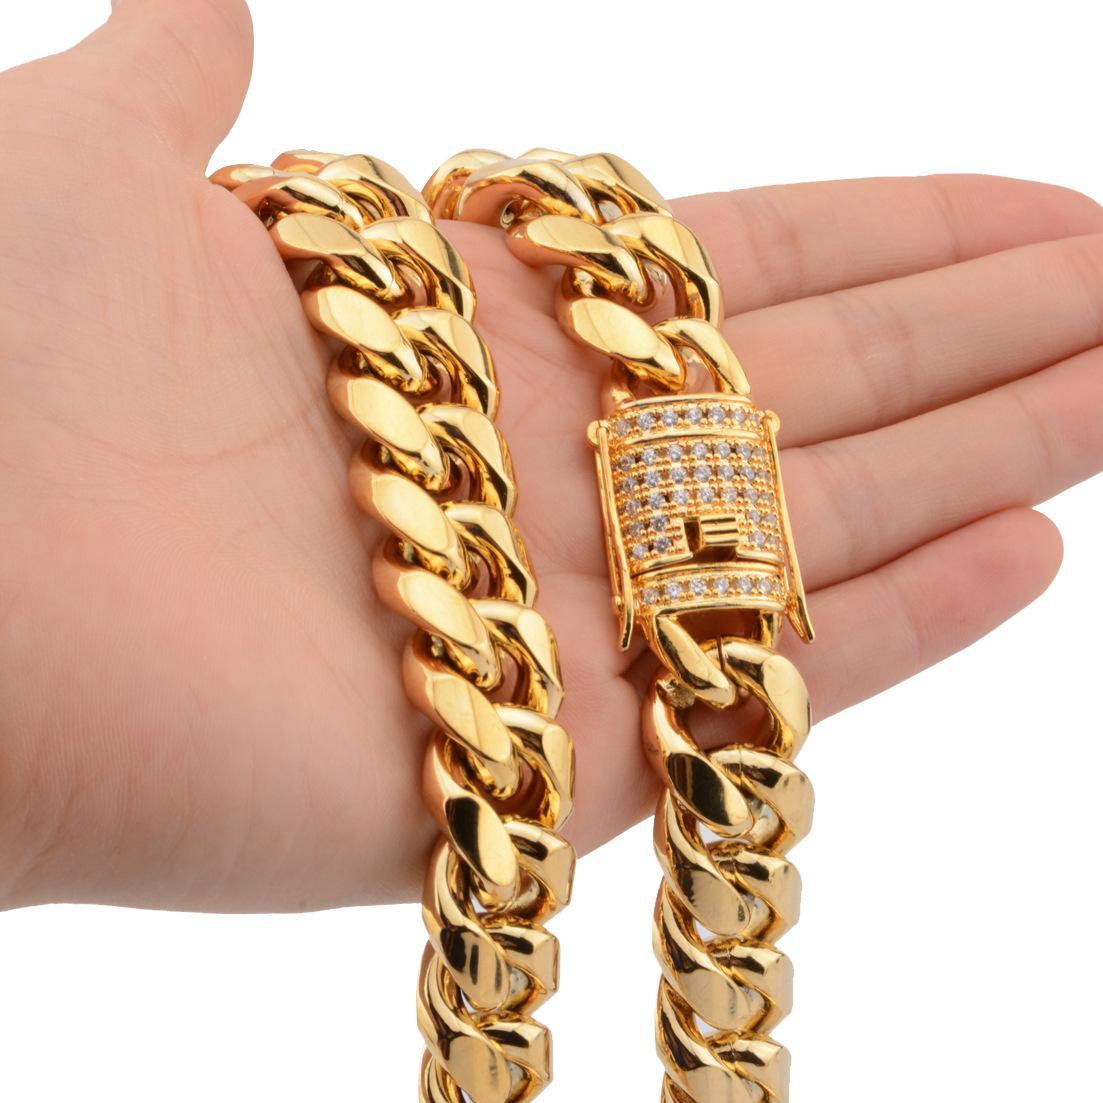 14 мм 16 мм Heavy Mens 18K Gold заполнены сплошные кубинские бордюры цепь ожерелье браслеты Майами мужская кубинская обуздание звена цепи ожерелье браслеты 20'22 '' '' '